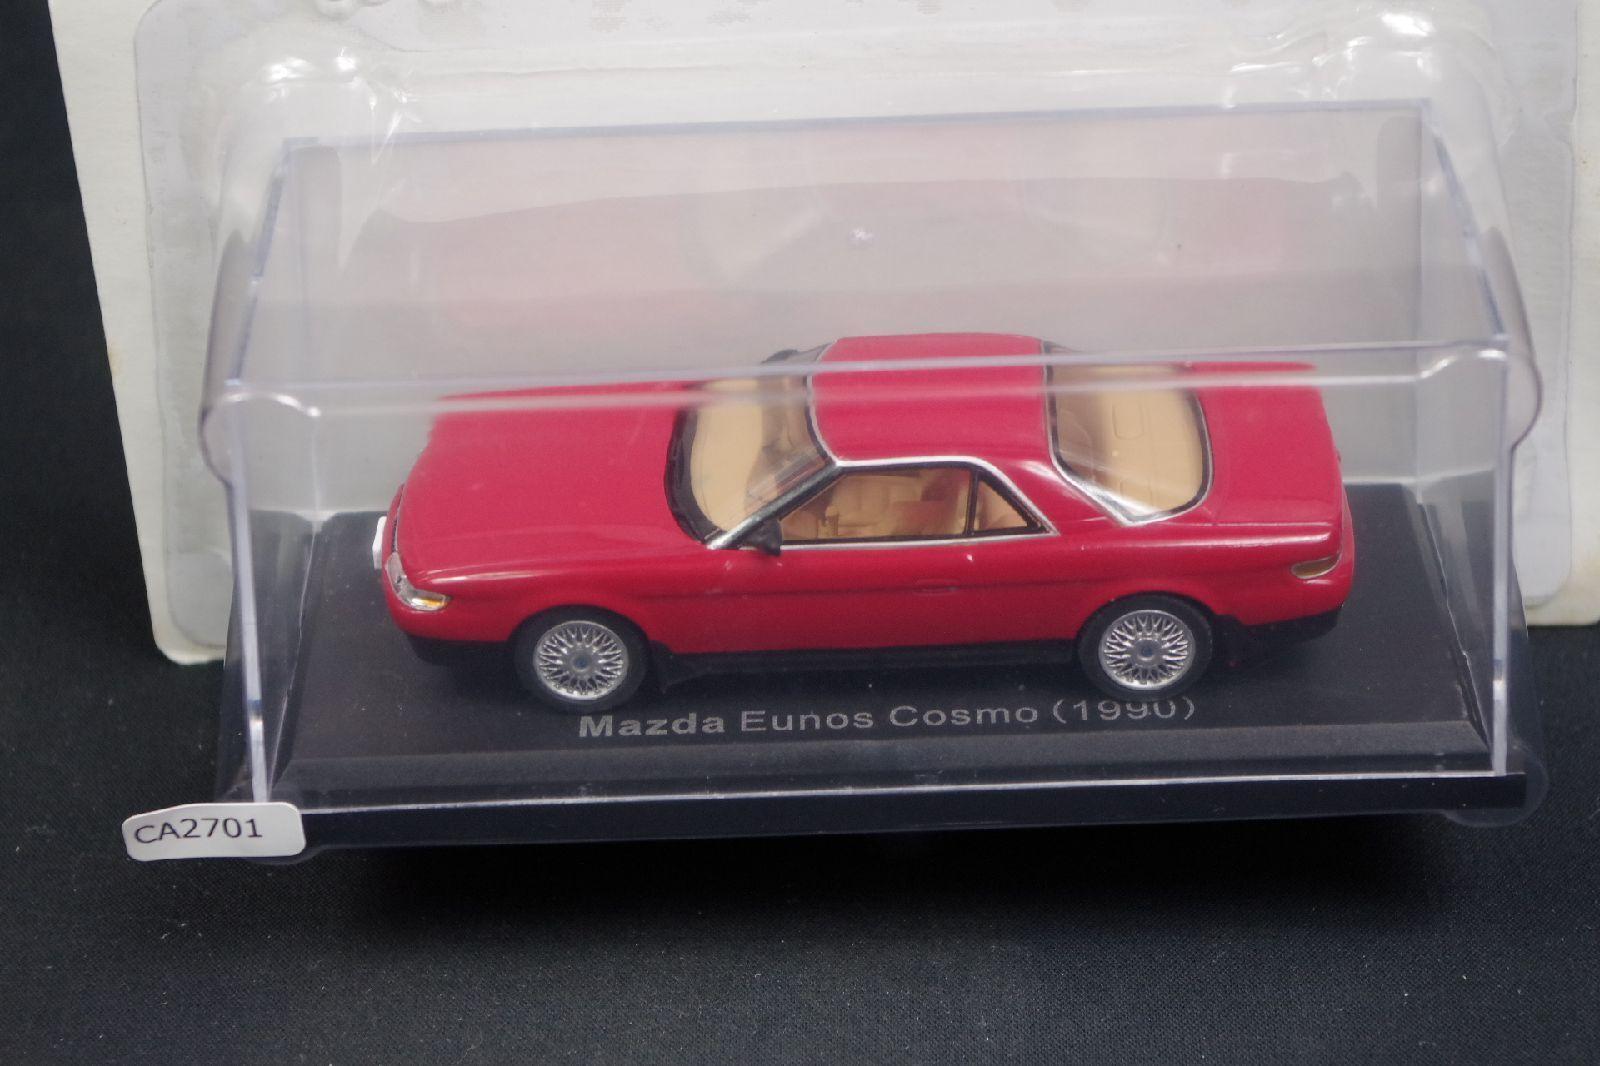 Mazda Eunos Cosmo Caja de escala 1990 1 43 Diecast panDimensione de coche mini CA61